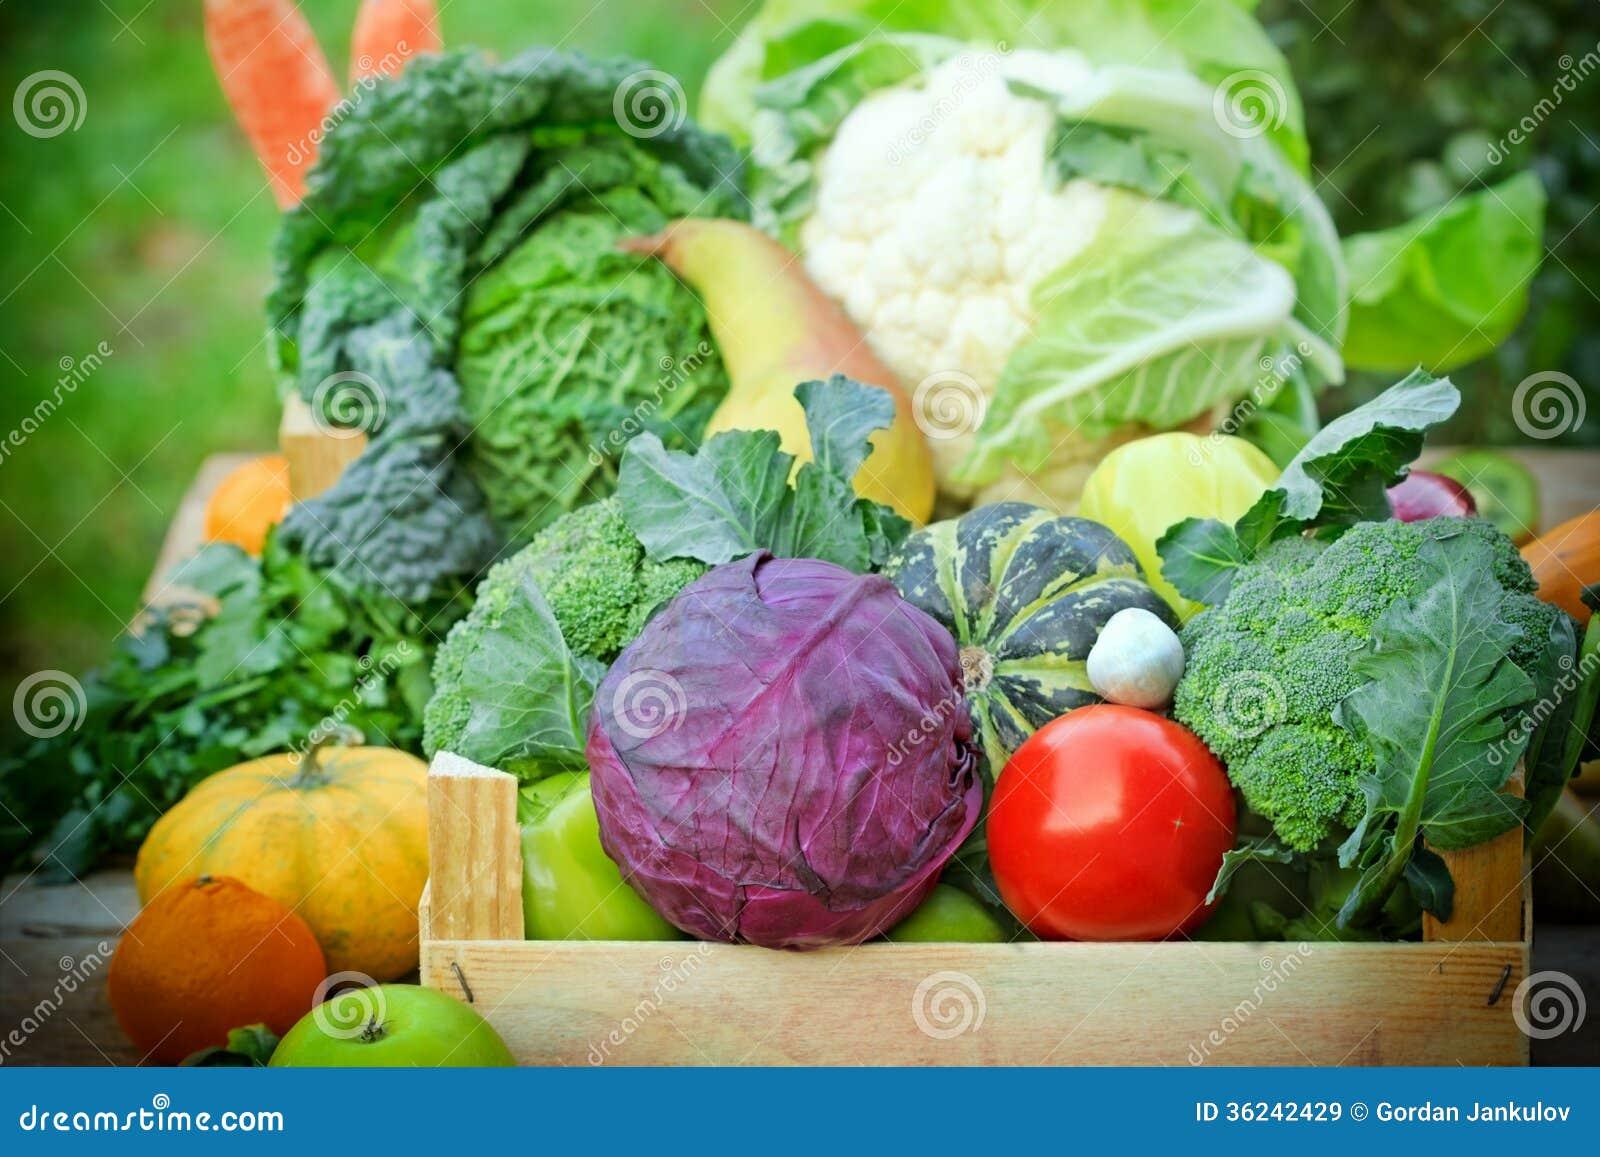 Свежие натуральные продукты